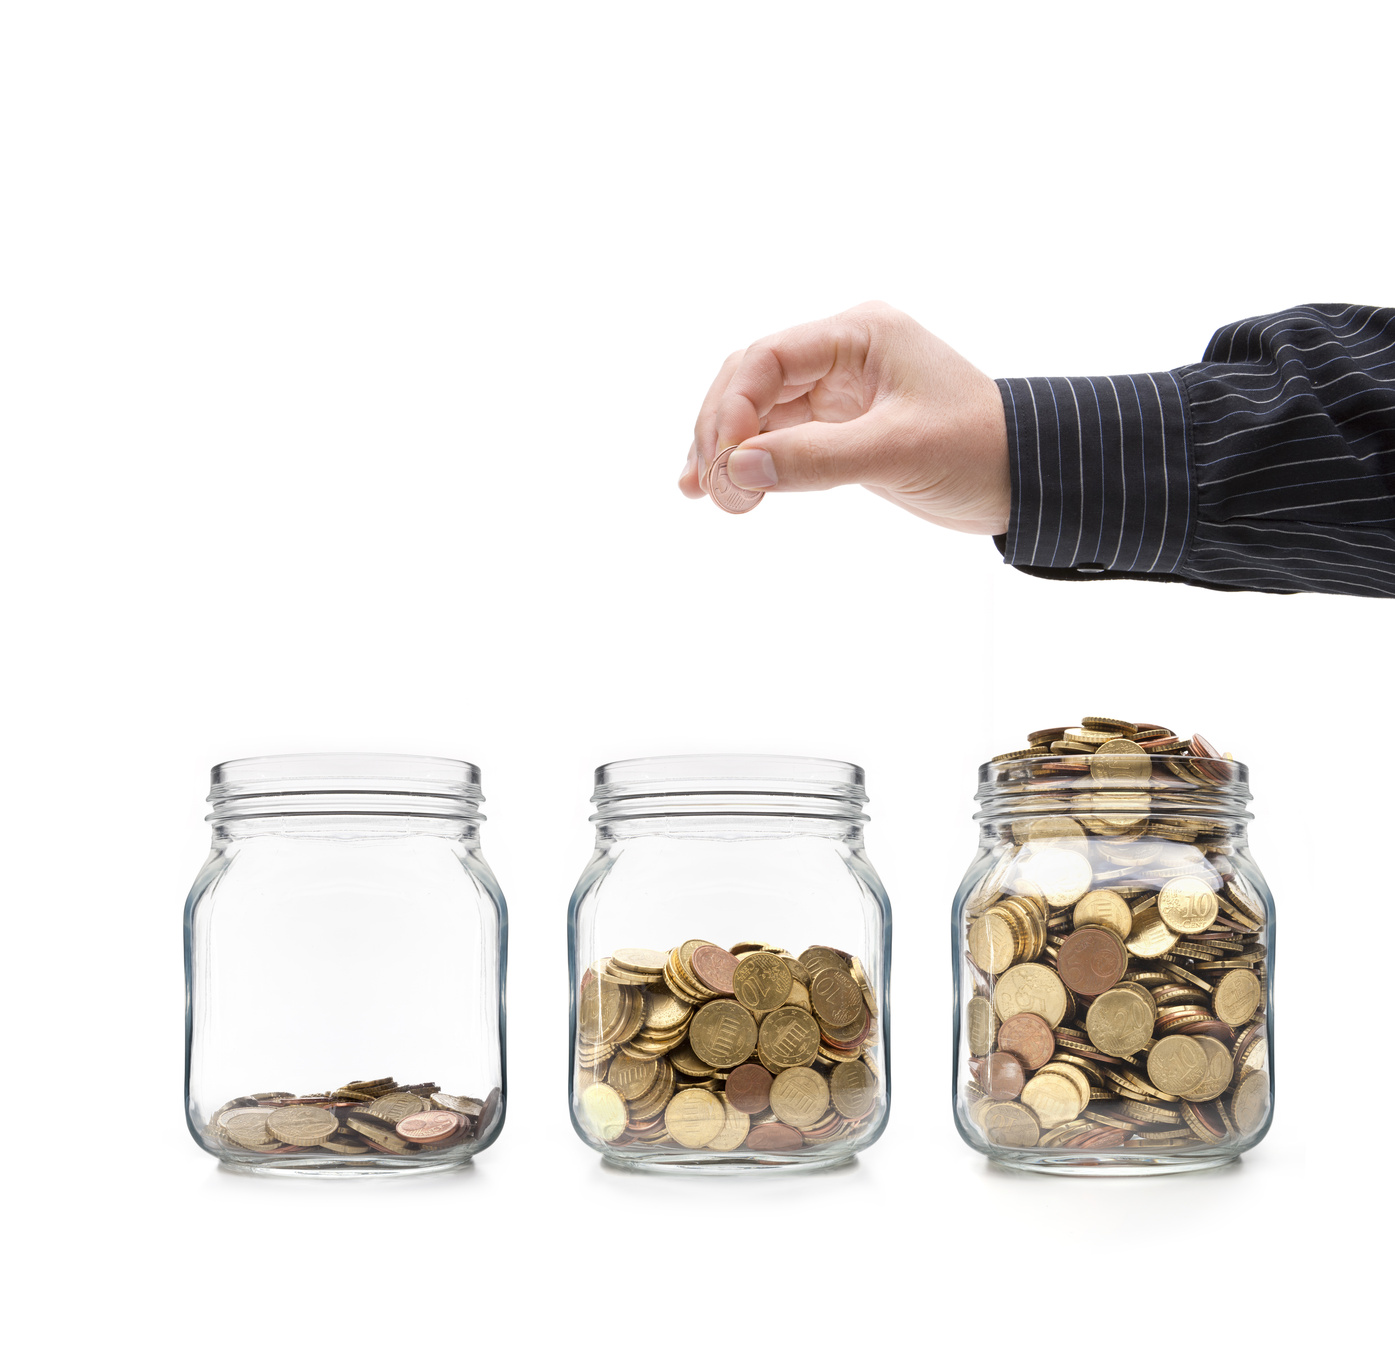 Münzen im Glas mit Hand